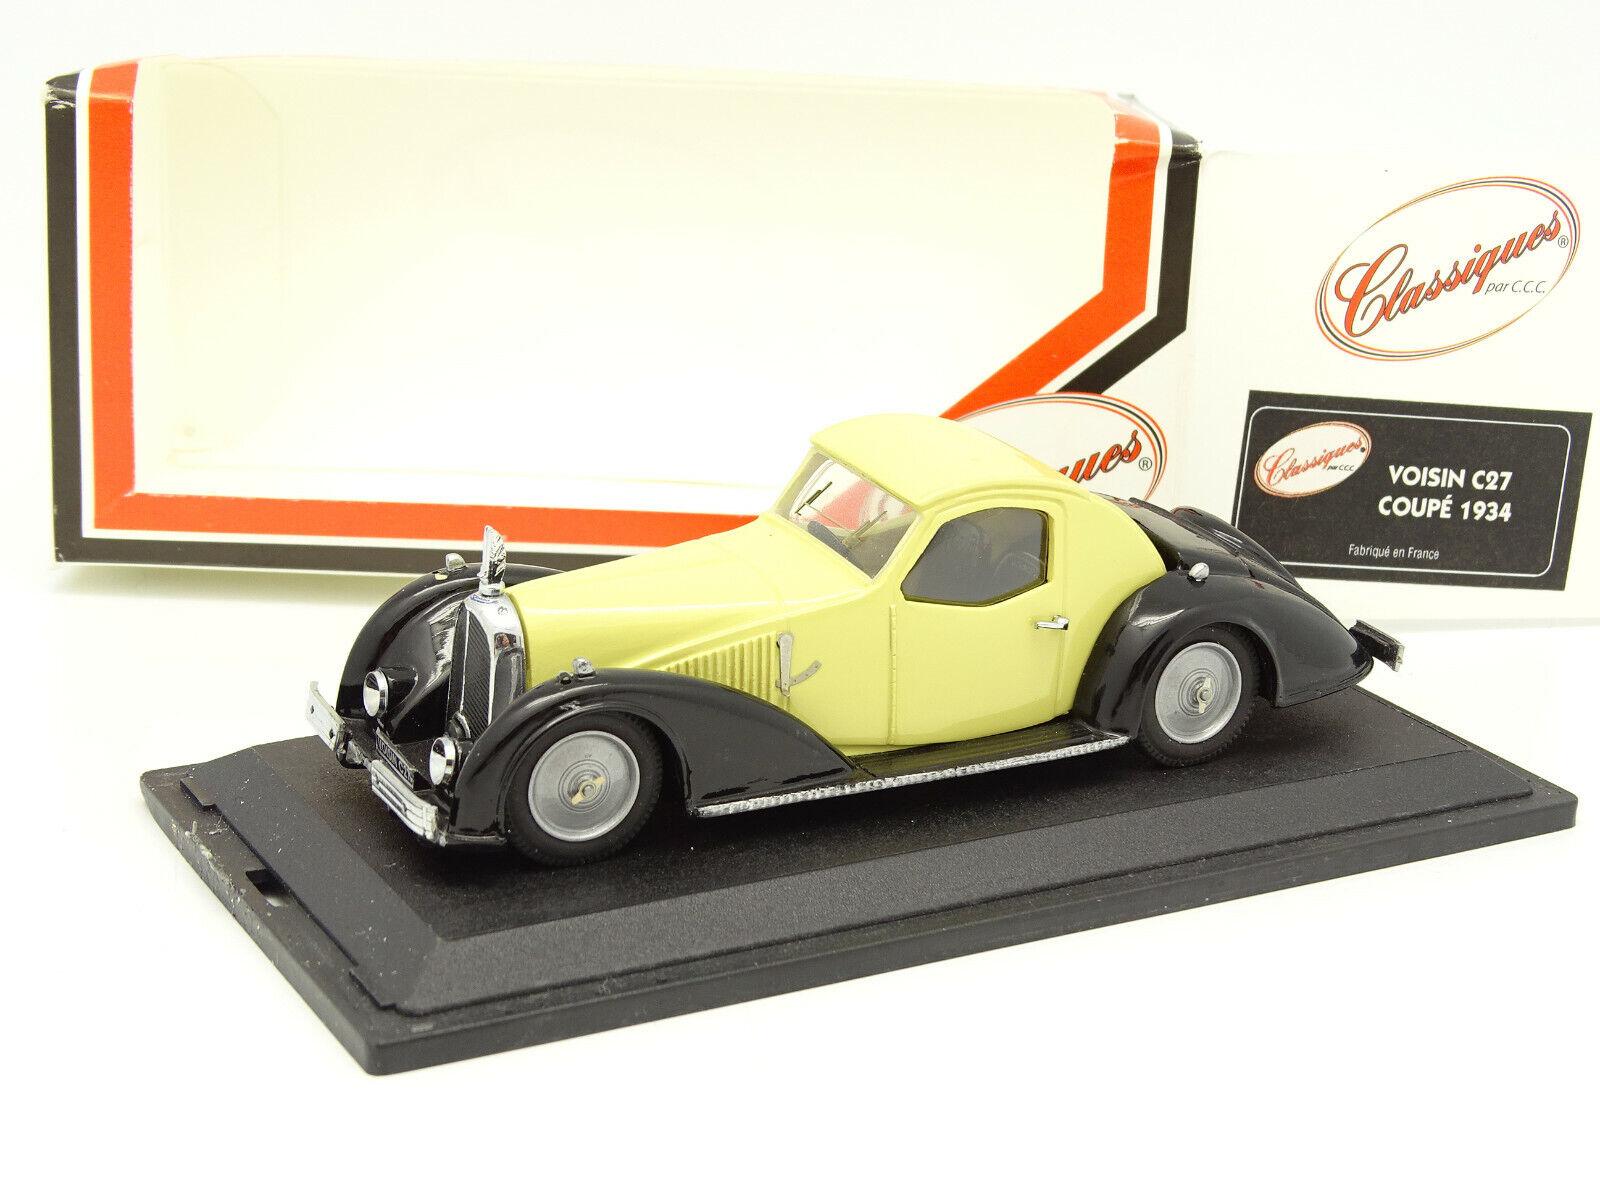 Classiques CCC 1 43 - Voisin C27 Coupé 1934 Jaune clair